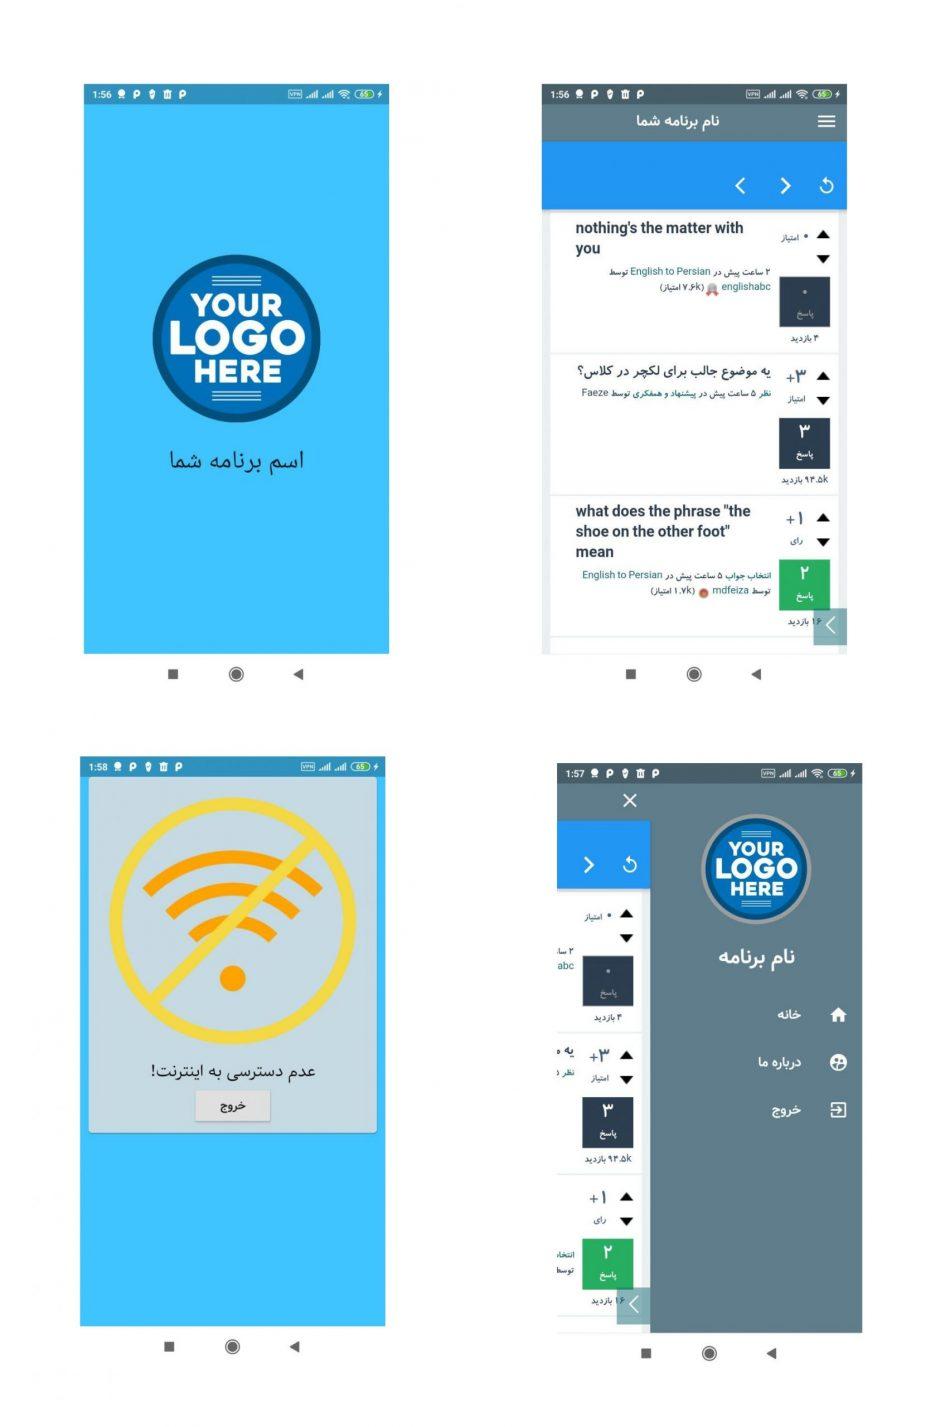 پیشنمایش سورس کد تبدیل وب سایت به اپلیکیشن اندروید و iOS